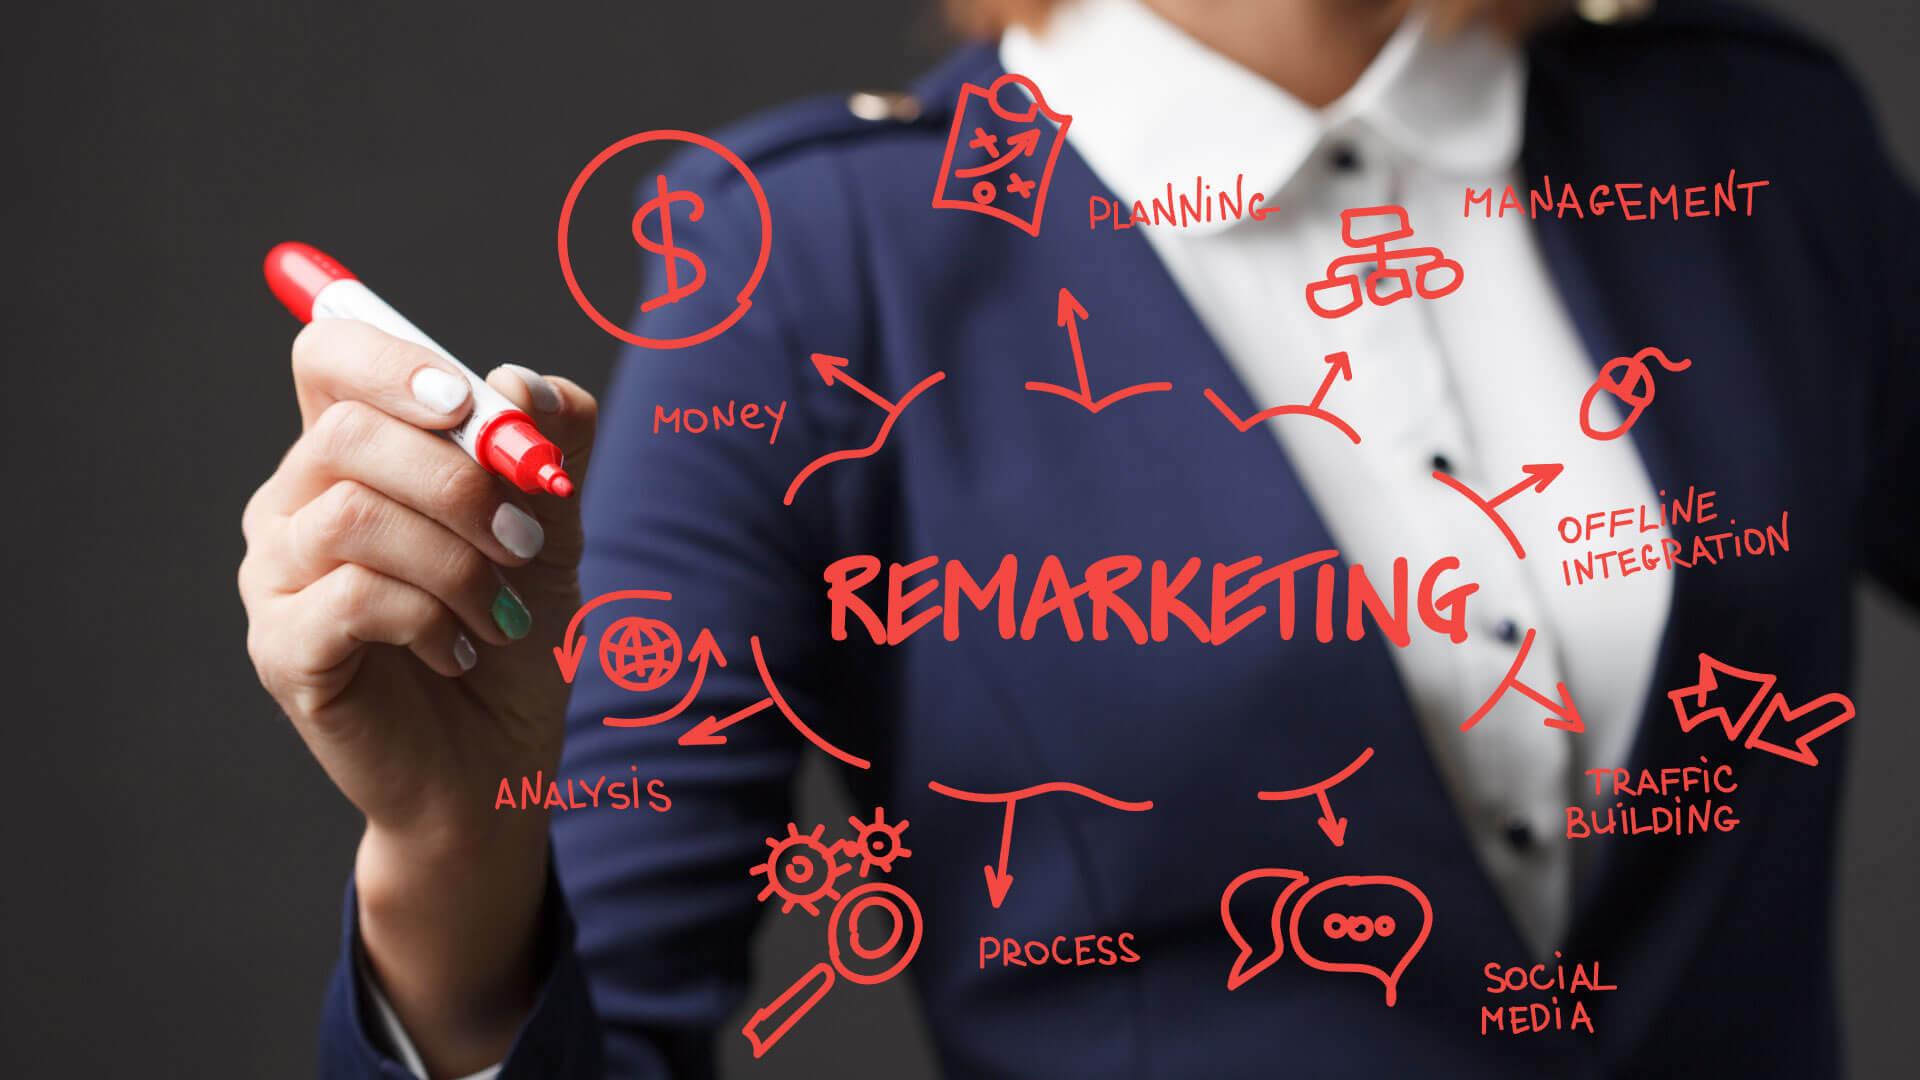 ¿Qué es remarketing y por qué lo necesitas?